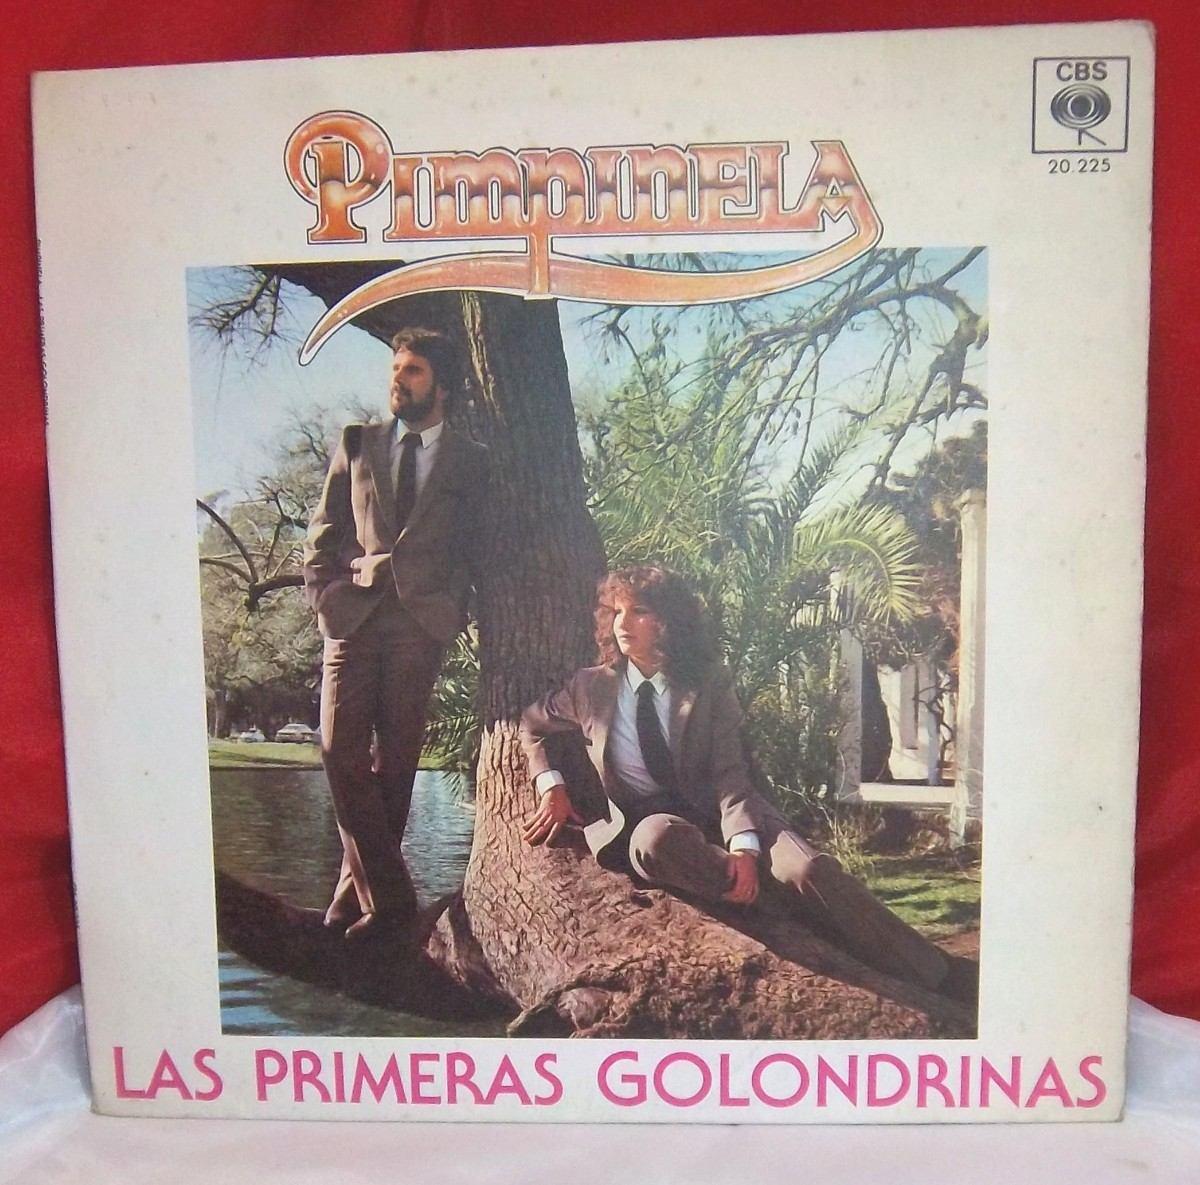 20150530054445-disco-vinilo-pimpinela-las-primeras-golondrinas-6197-mla5033005693-092013-f.jpg